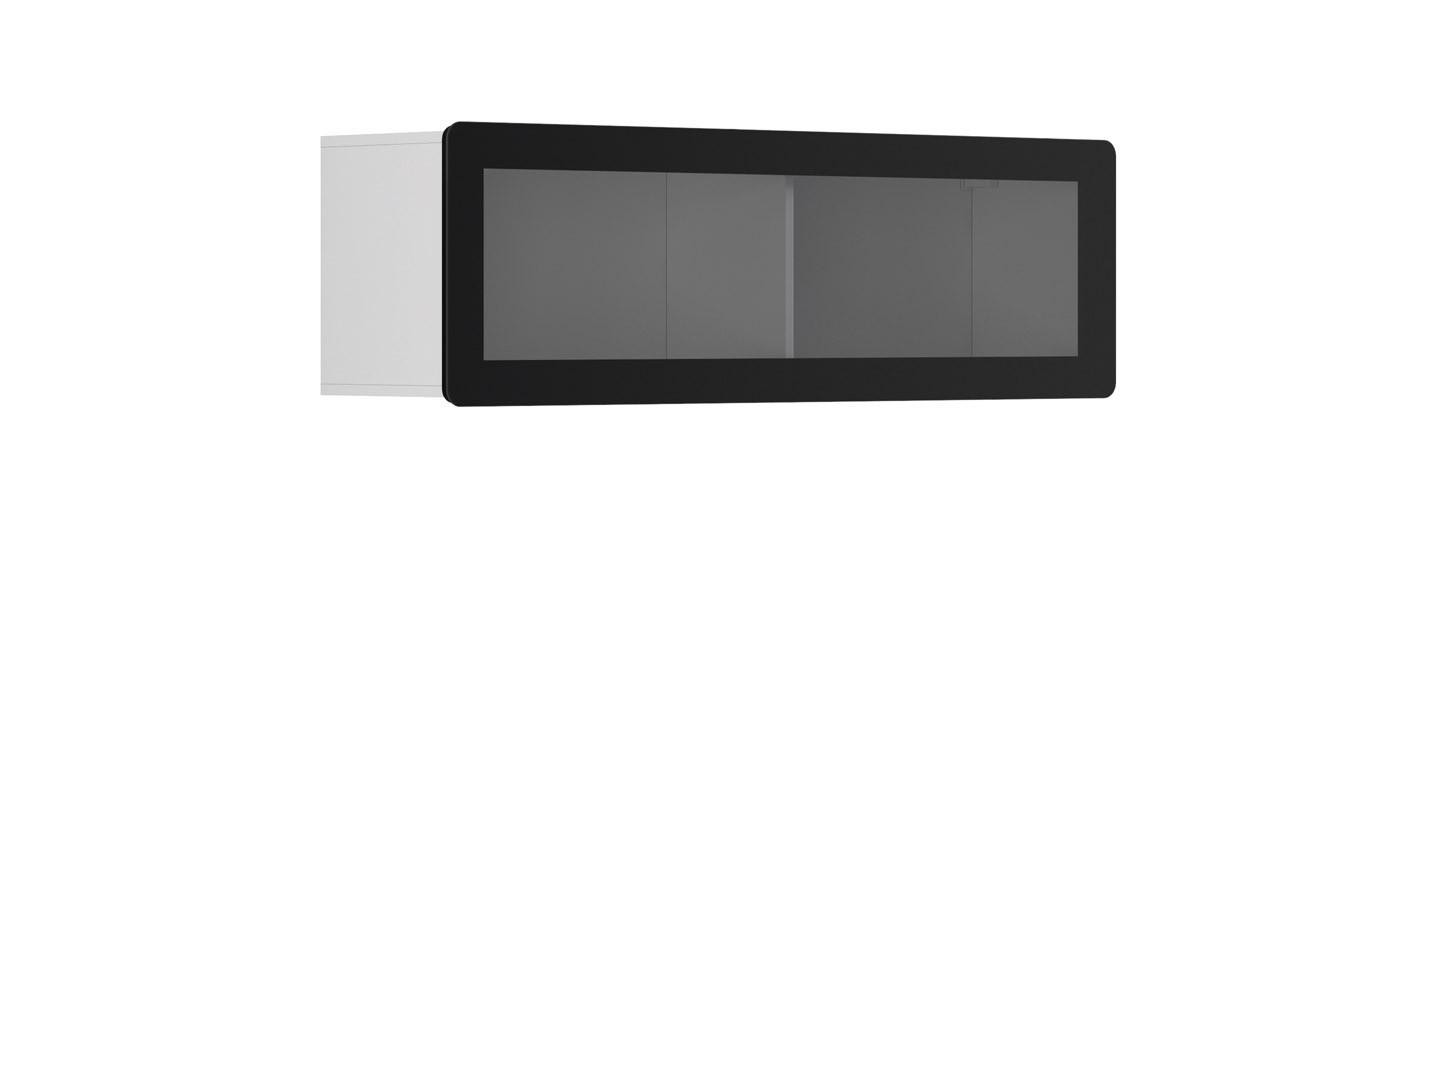 Vitrína na zeď - BRW - Possi Light - SFW1WK/4/13 (bílá) (s osvětlením)